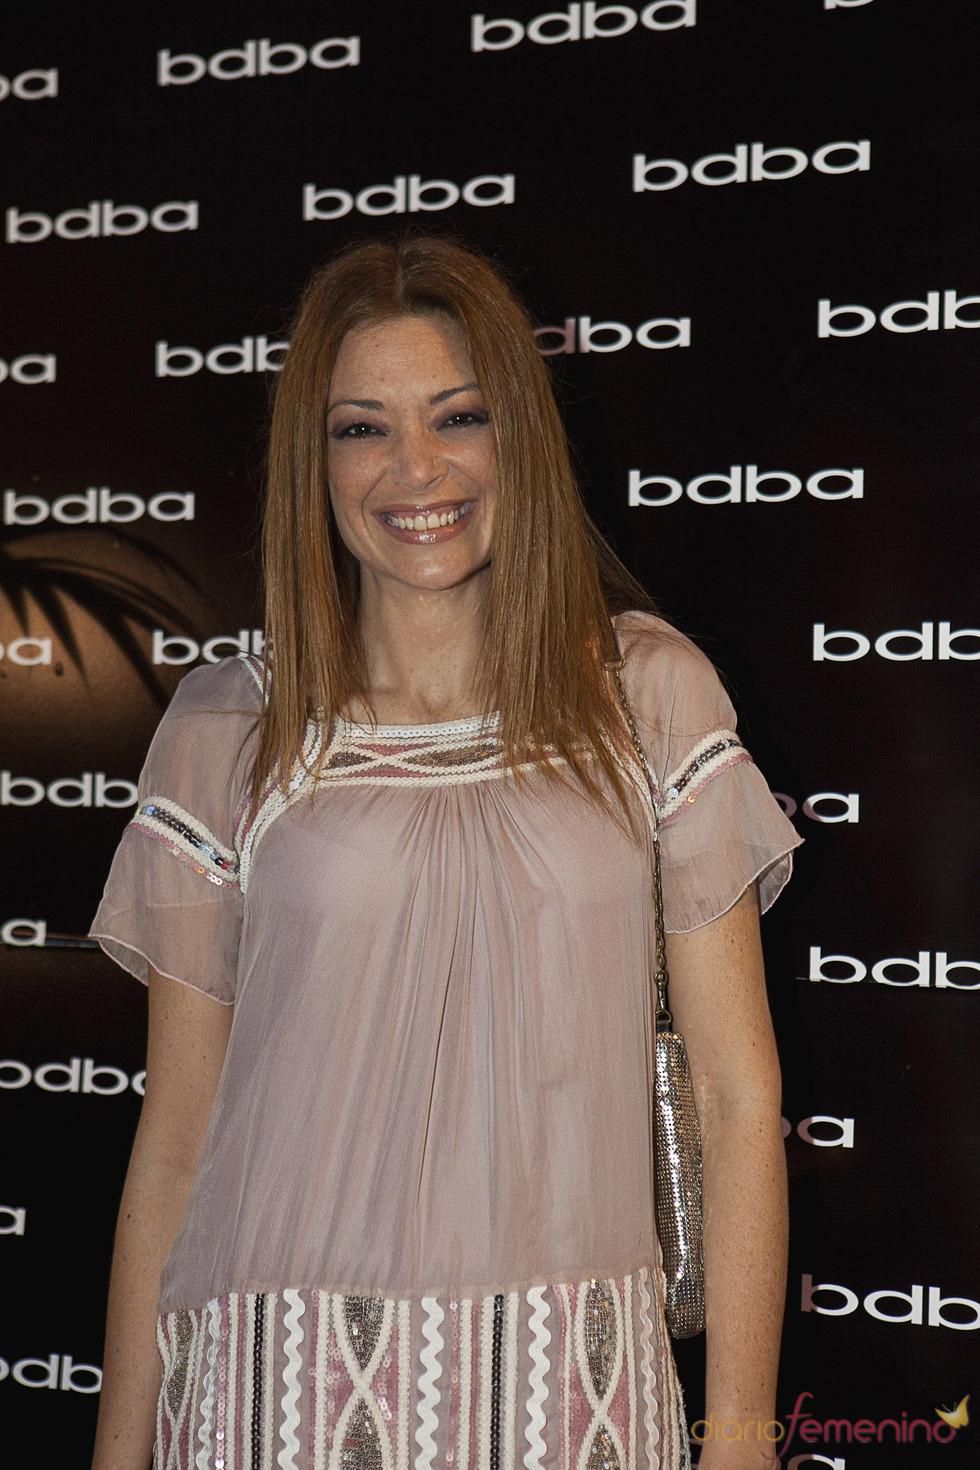 Lucía Hoyos en la 'Private night' de BDBA